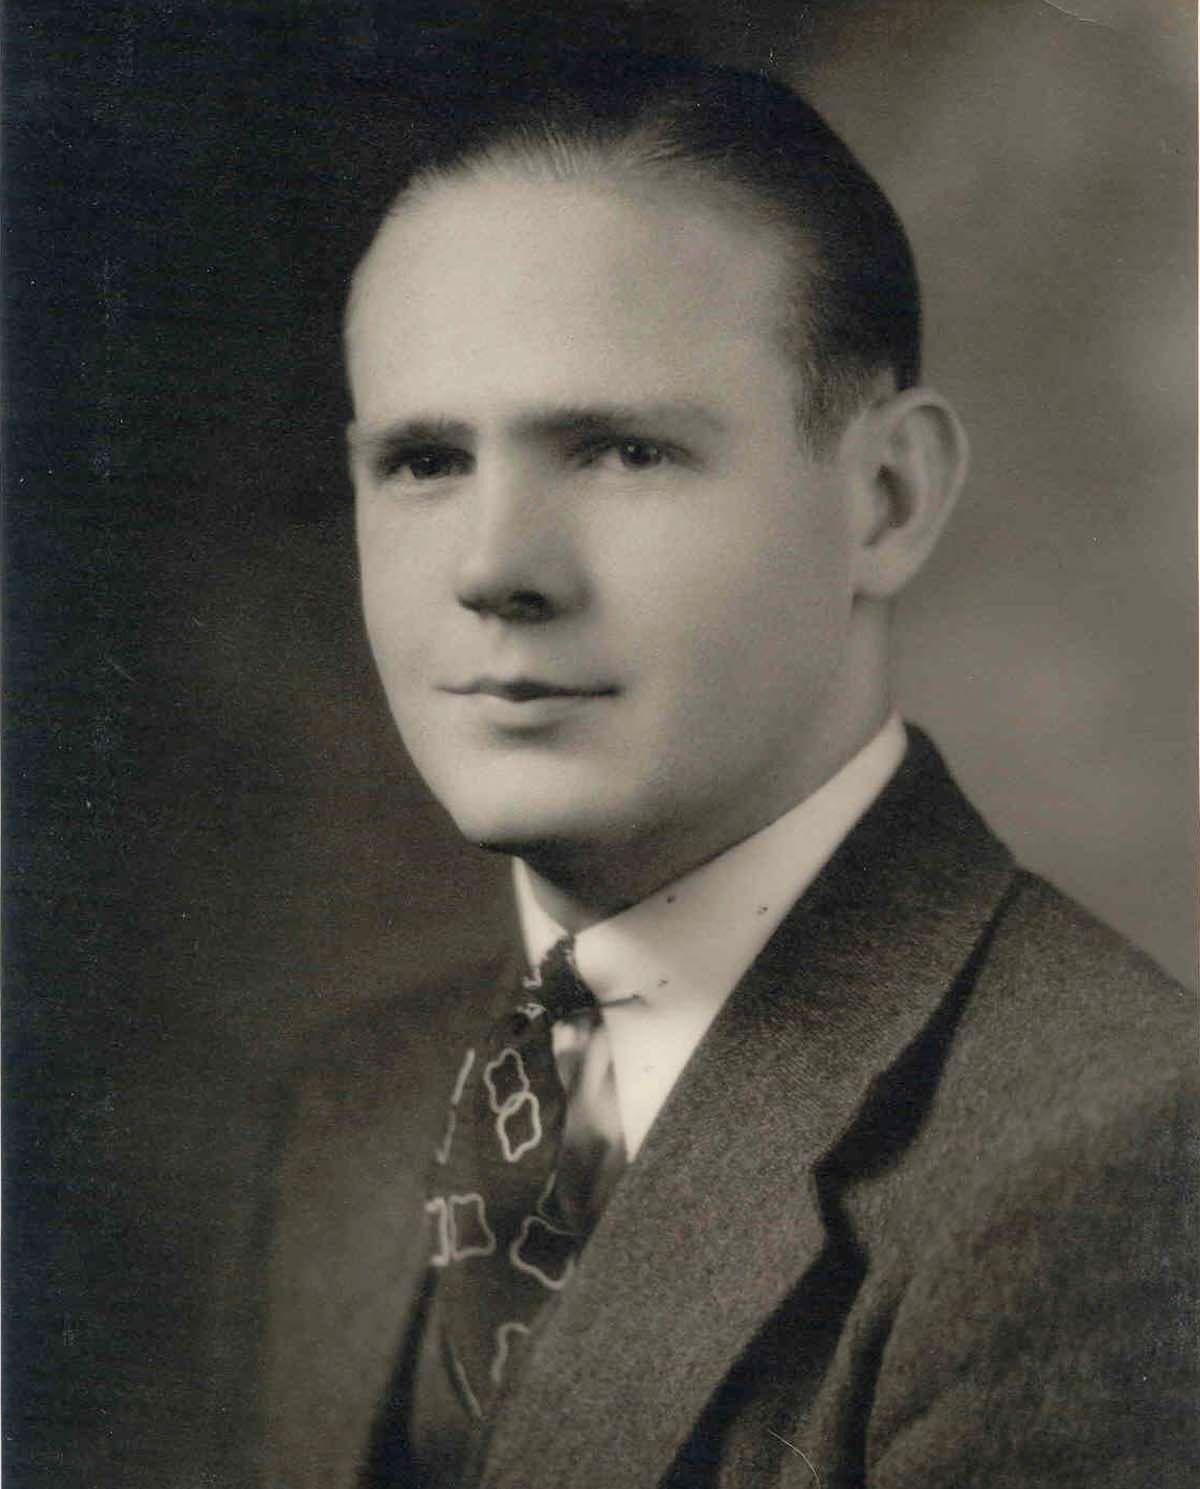 Aldous, Franklin William